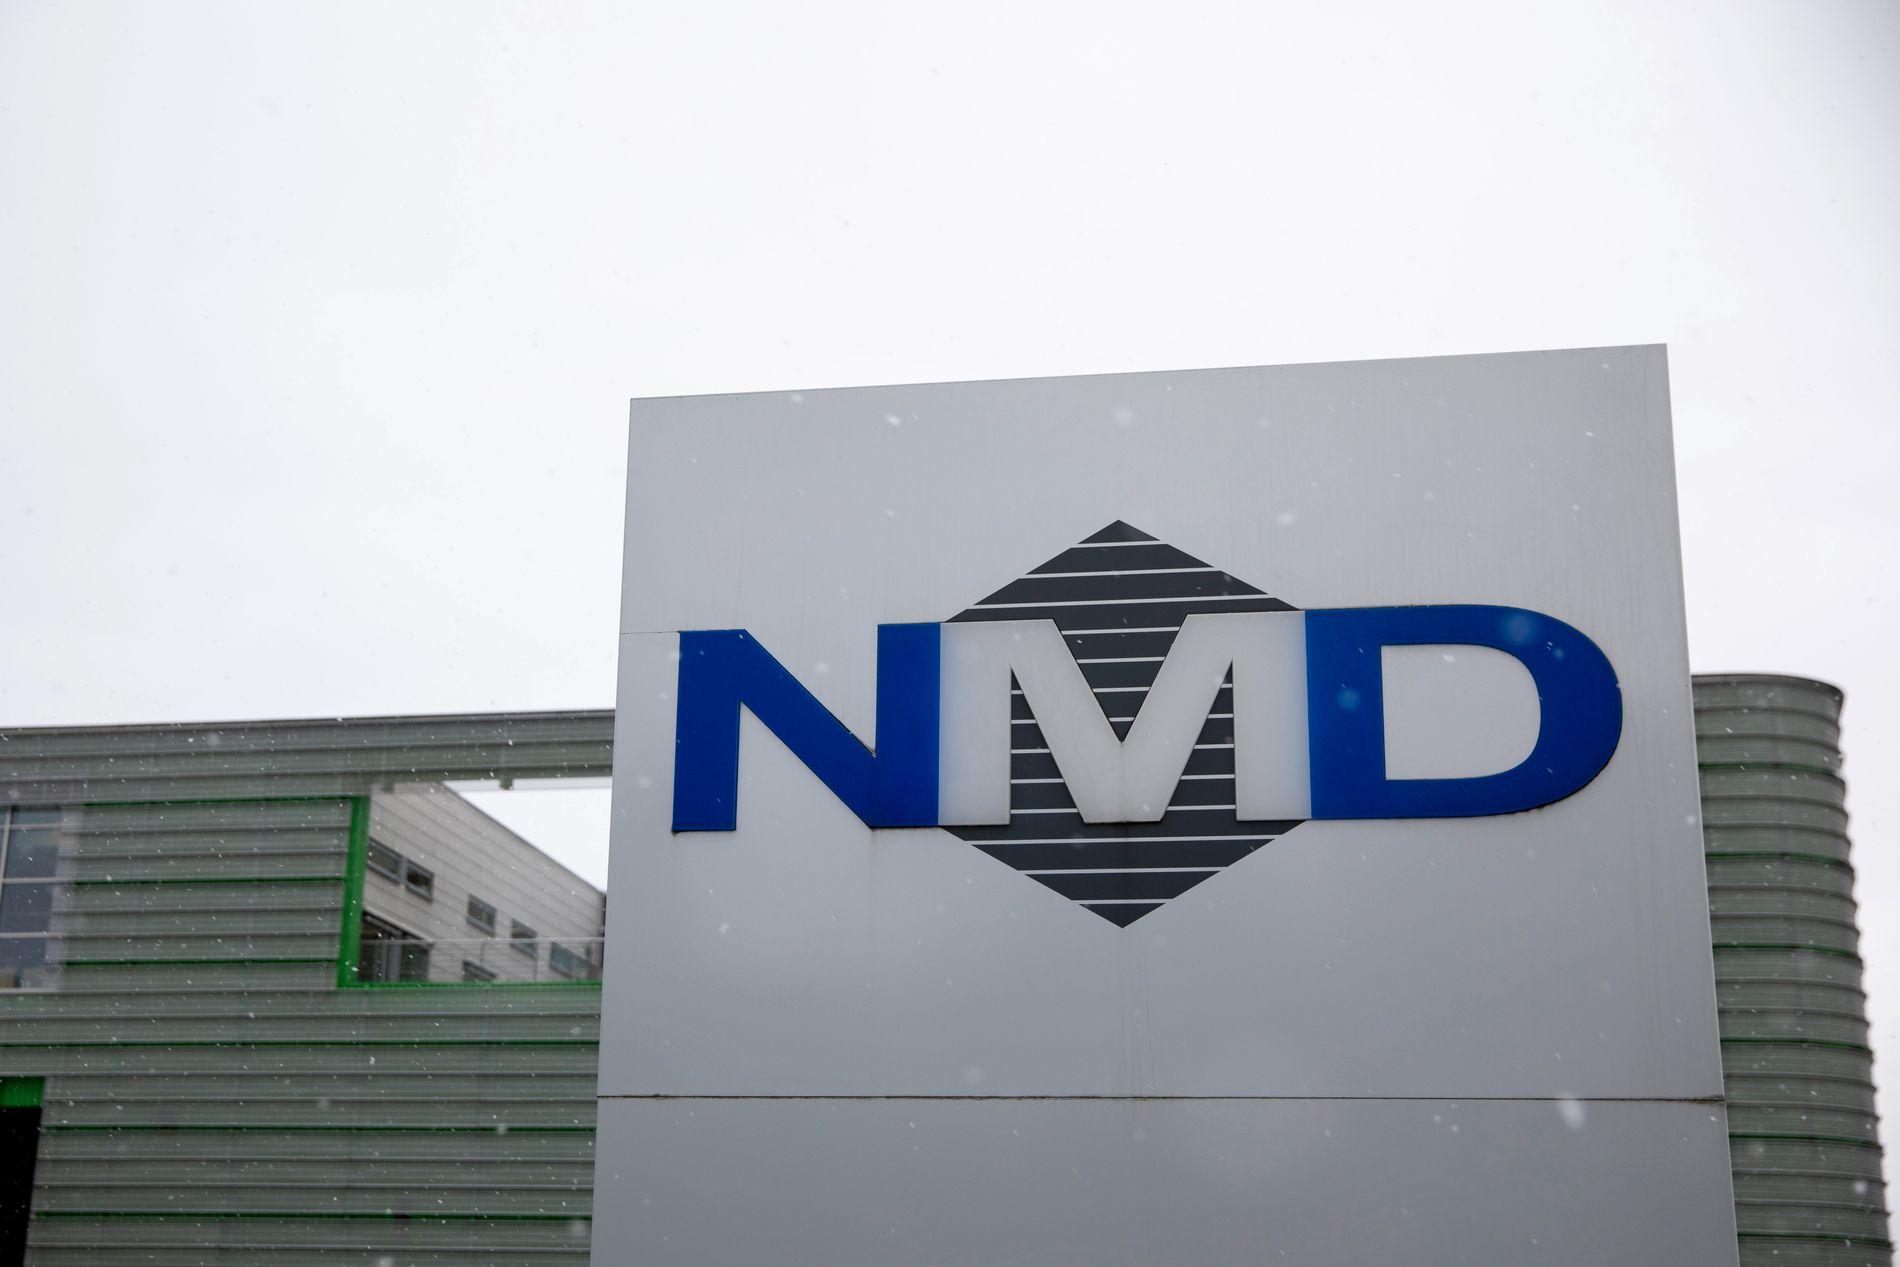 Stavanger kommune ilegger Norsk Medisinaldepot dagbøter som følge av feilene i multidoseleveranser. Foto: Tore Meek / NTB scanpix